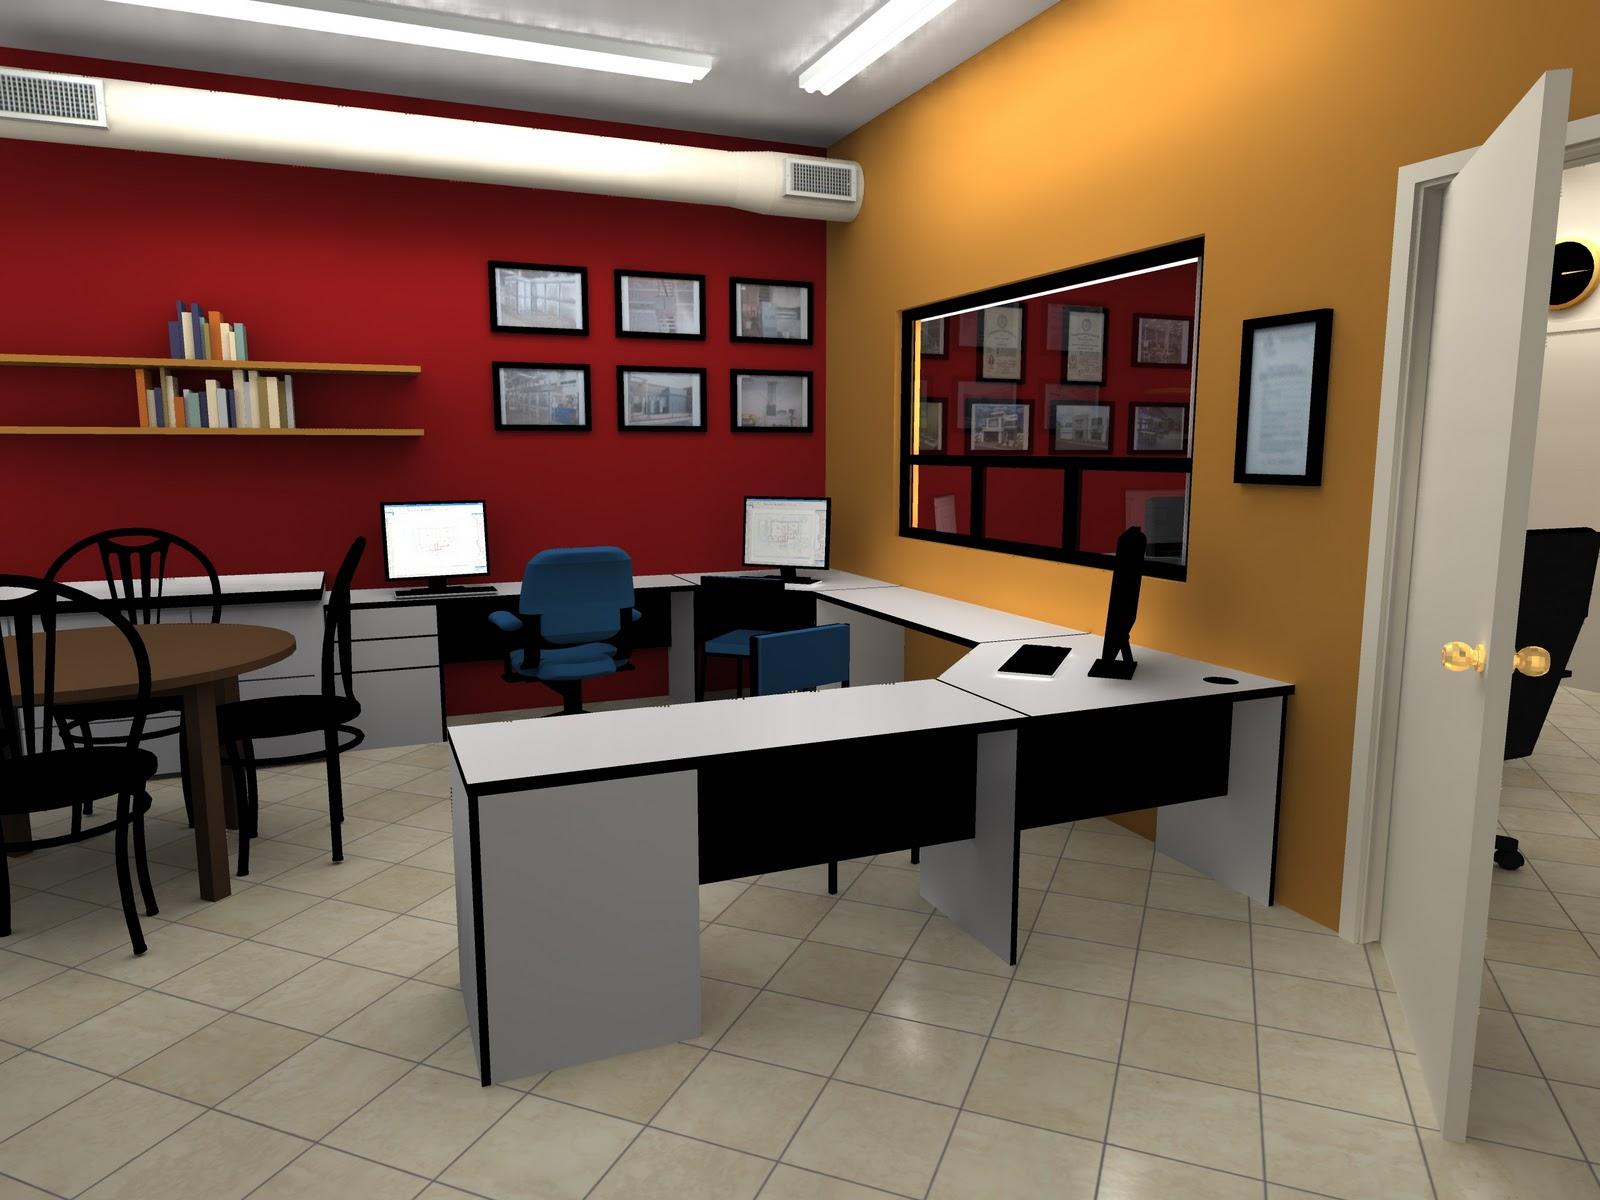 Proyecto lambda remodelacion oficina for Unas para oficina